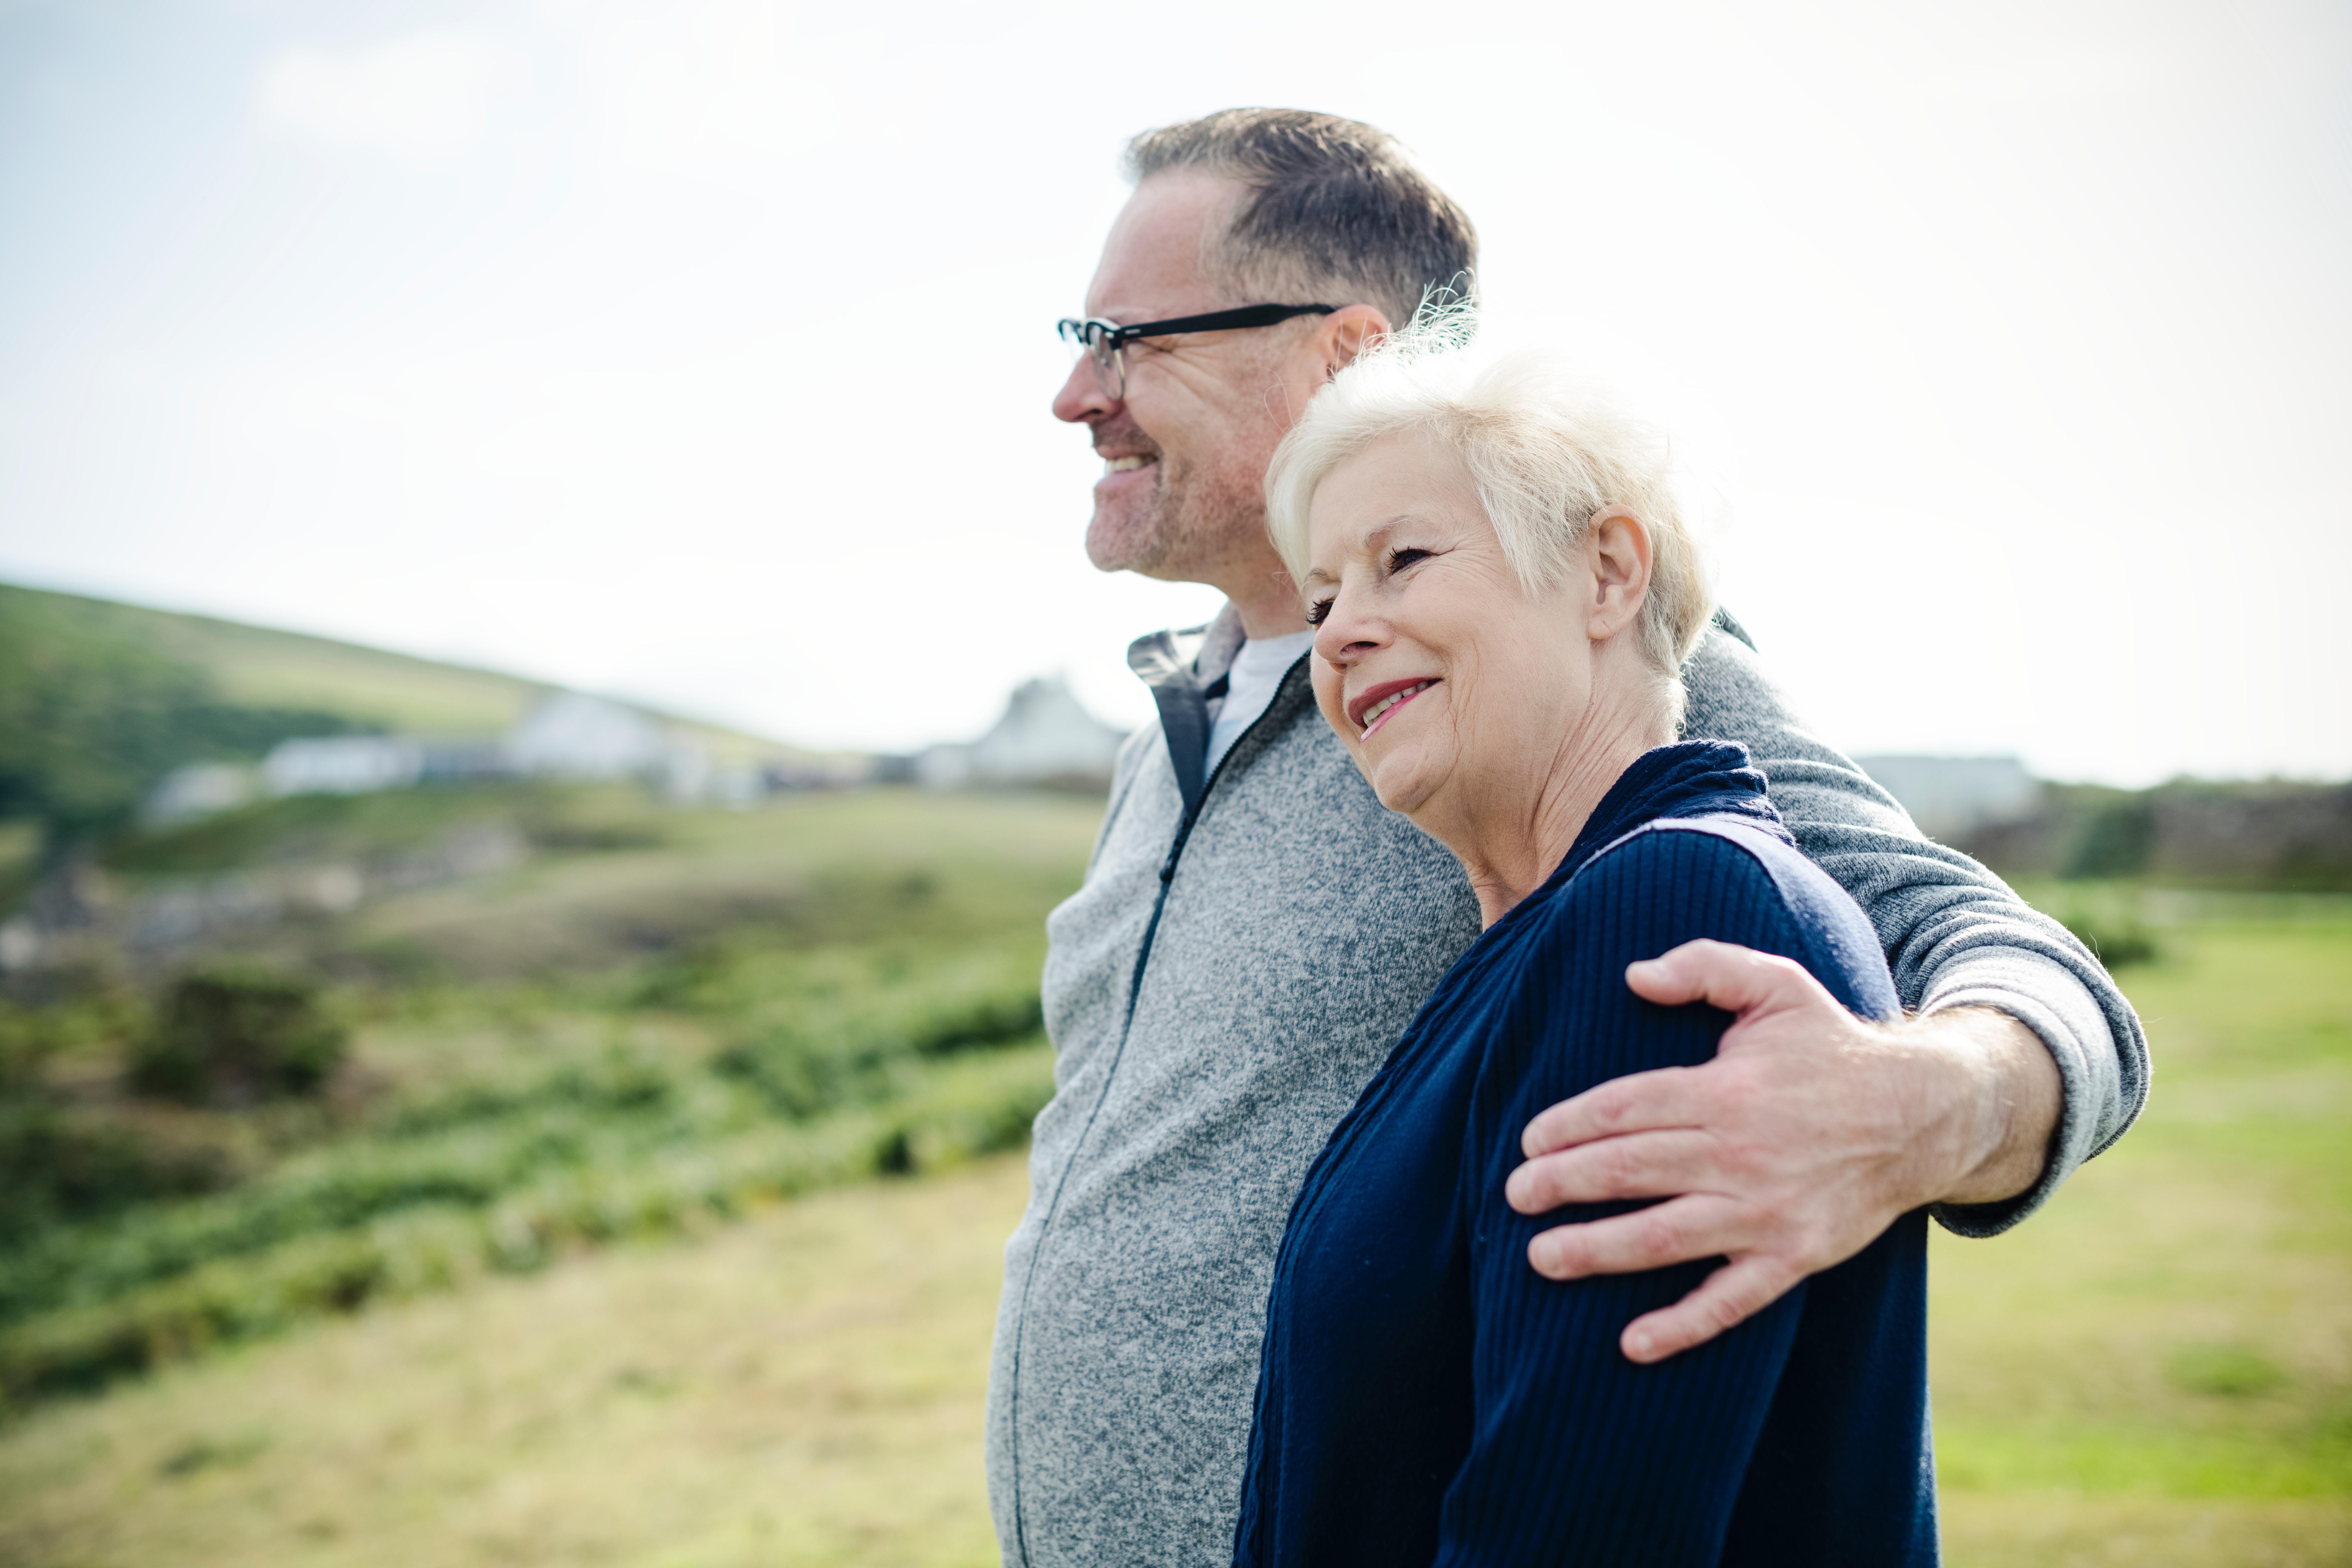 מחקרים קליניים לחולי סרטן כאופציה טיפולית